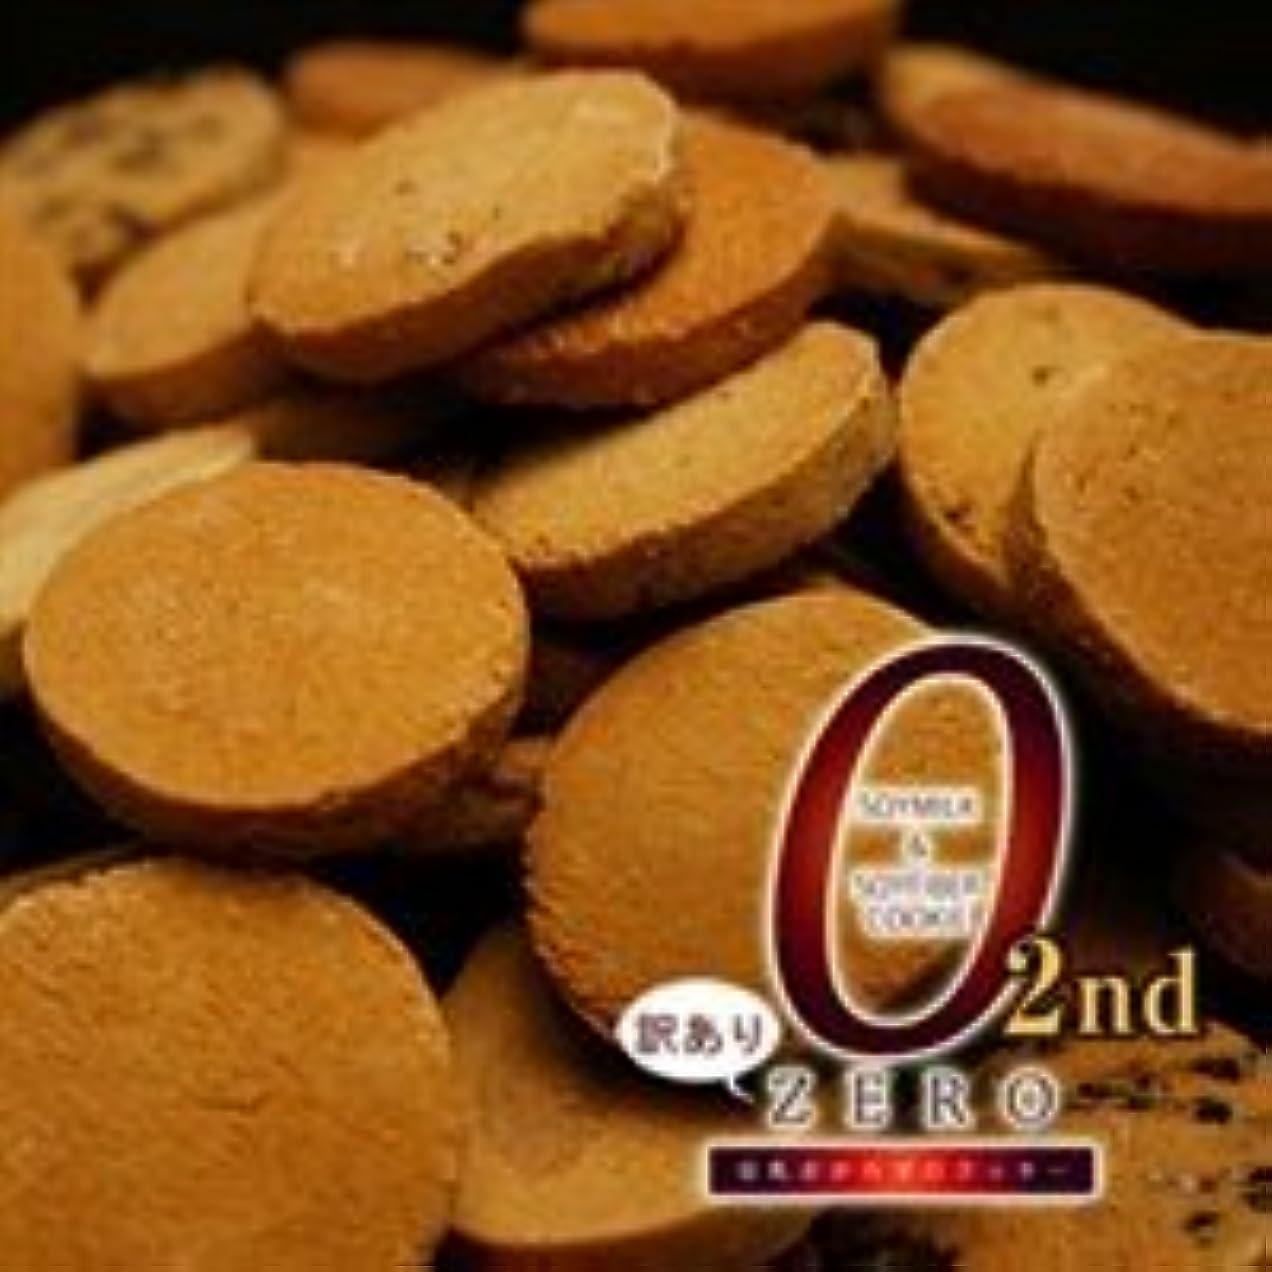 シティリズミカルなディンカルビル蒲屋忠兵衛商店 訳あり豆乳おからゼロクッキー 2nd 1kg(250g×4袋)